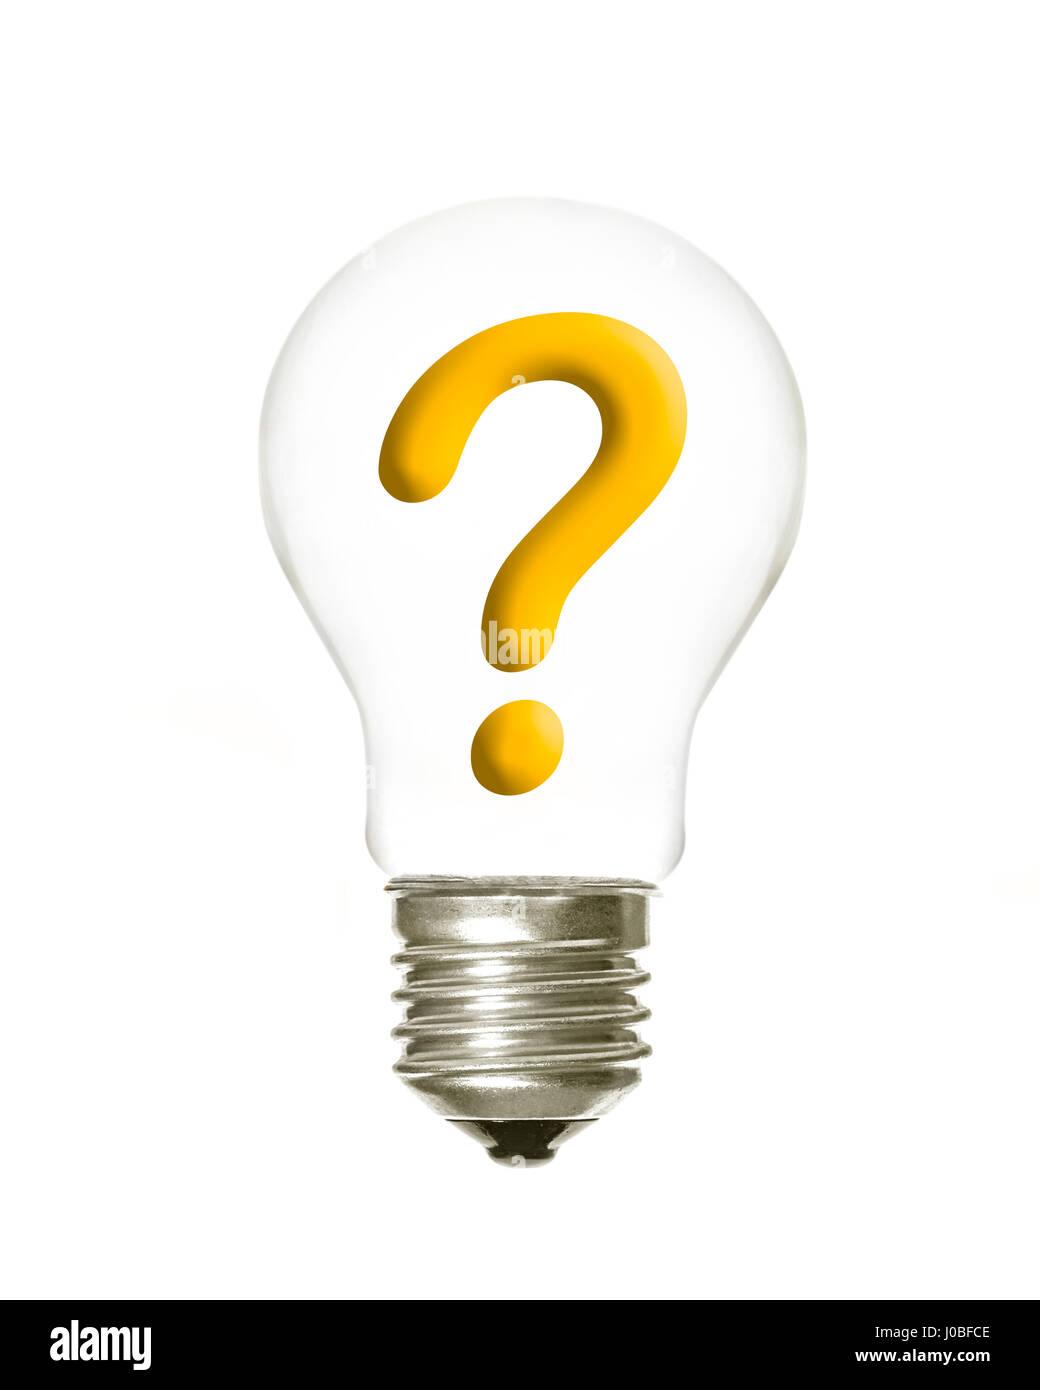 question mark inside light bulb stock photos question mark inside